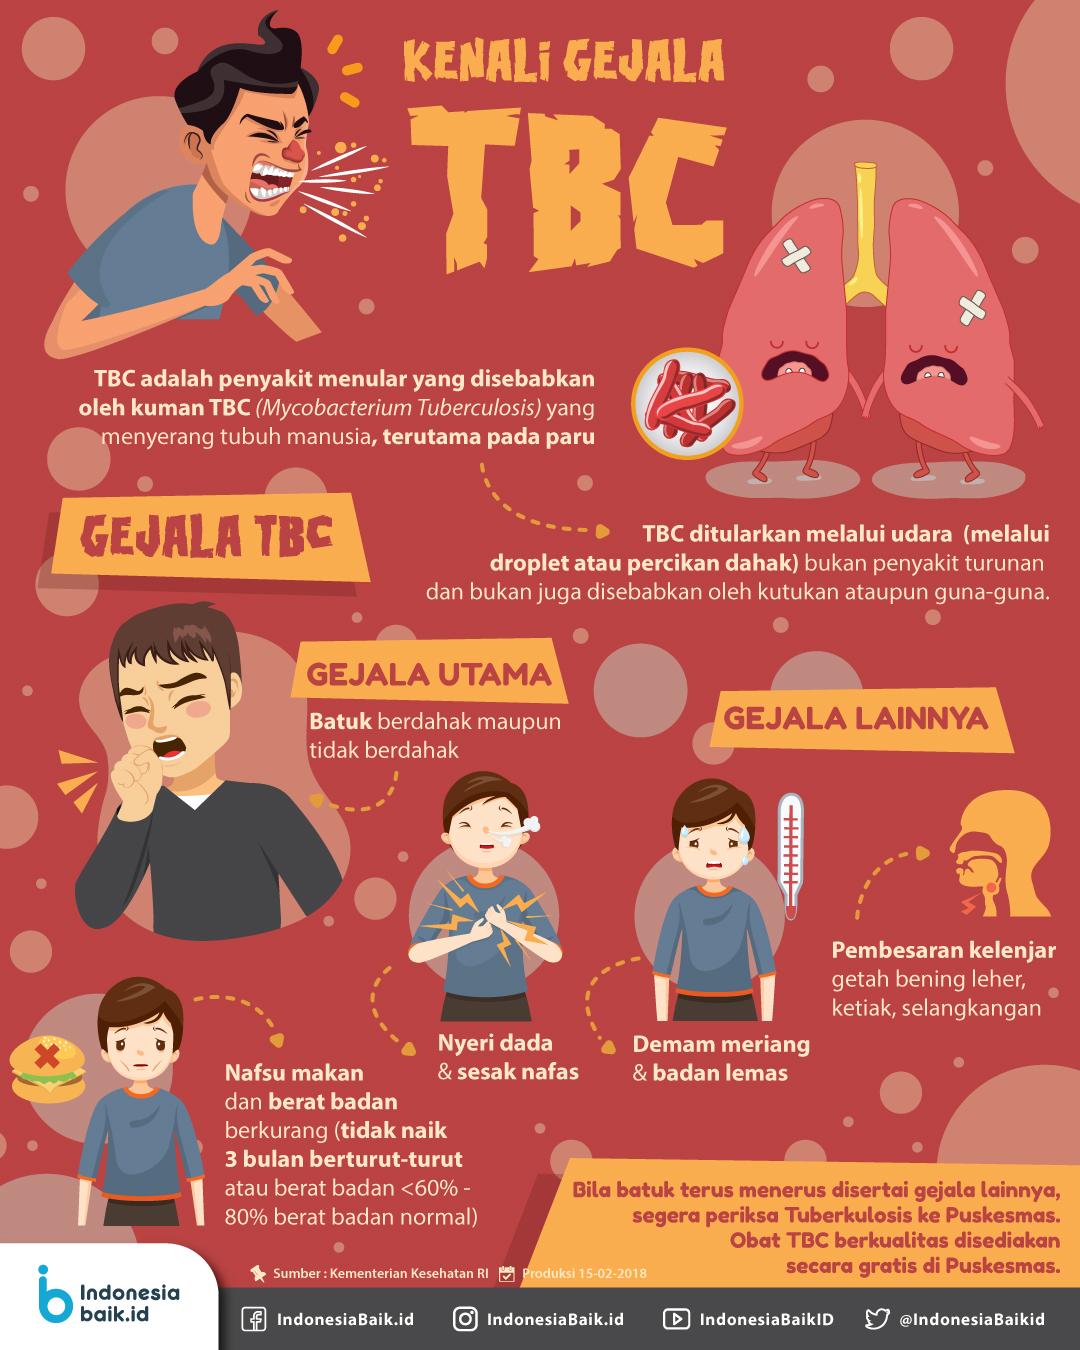 Kenali Gejala TBC